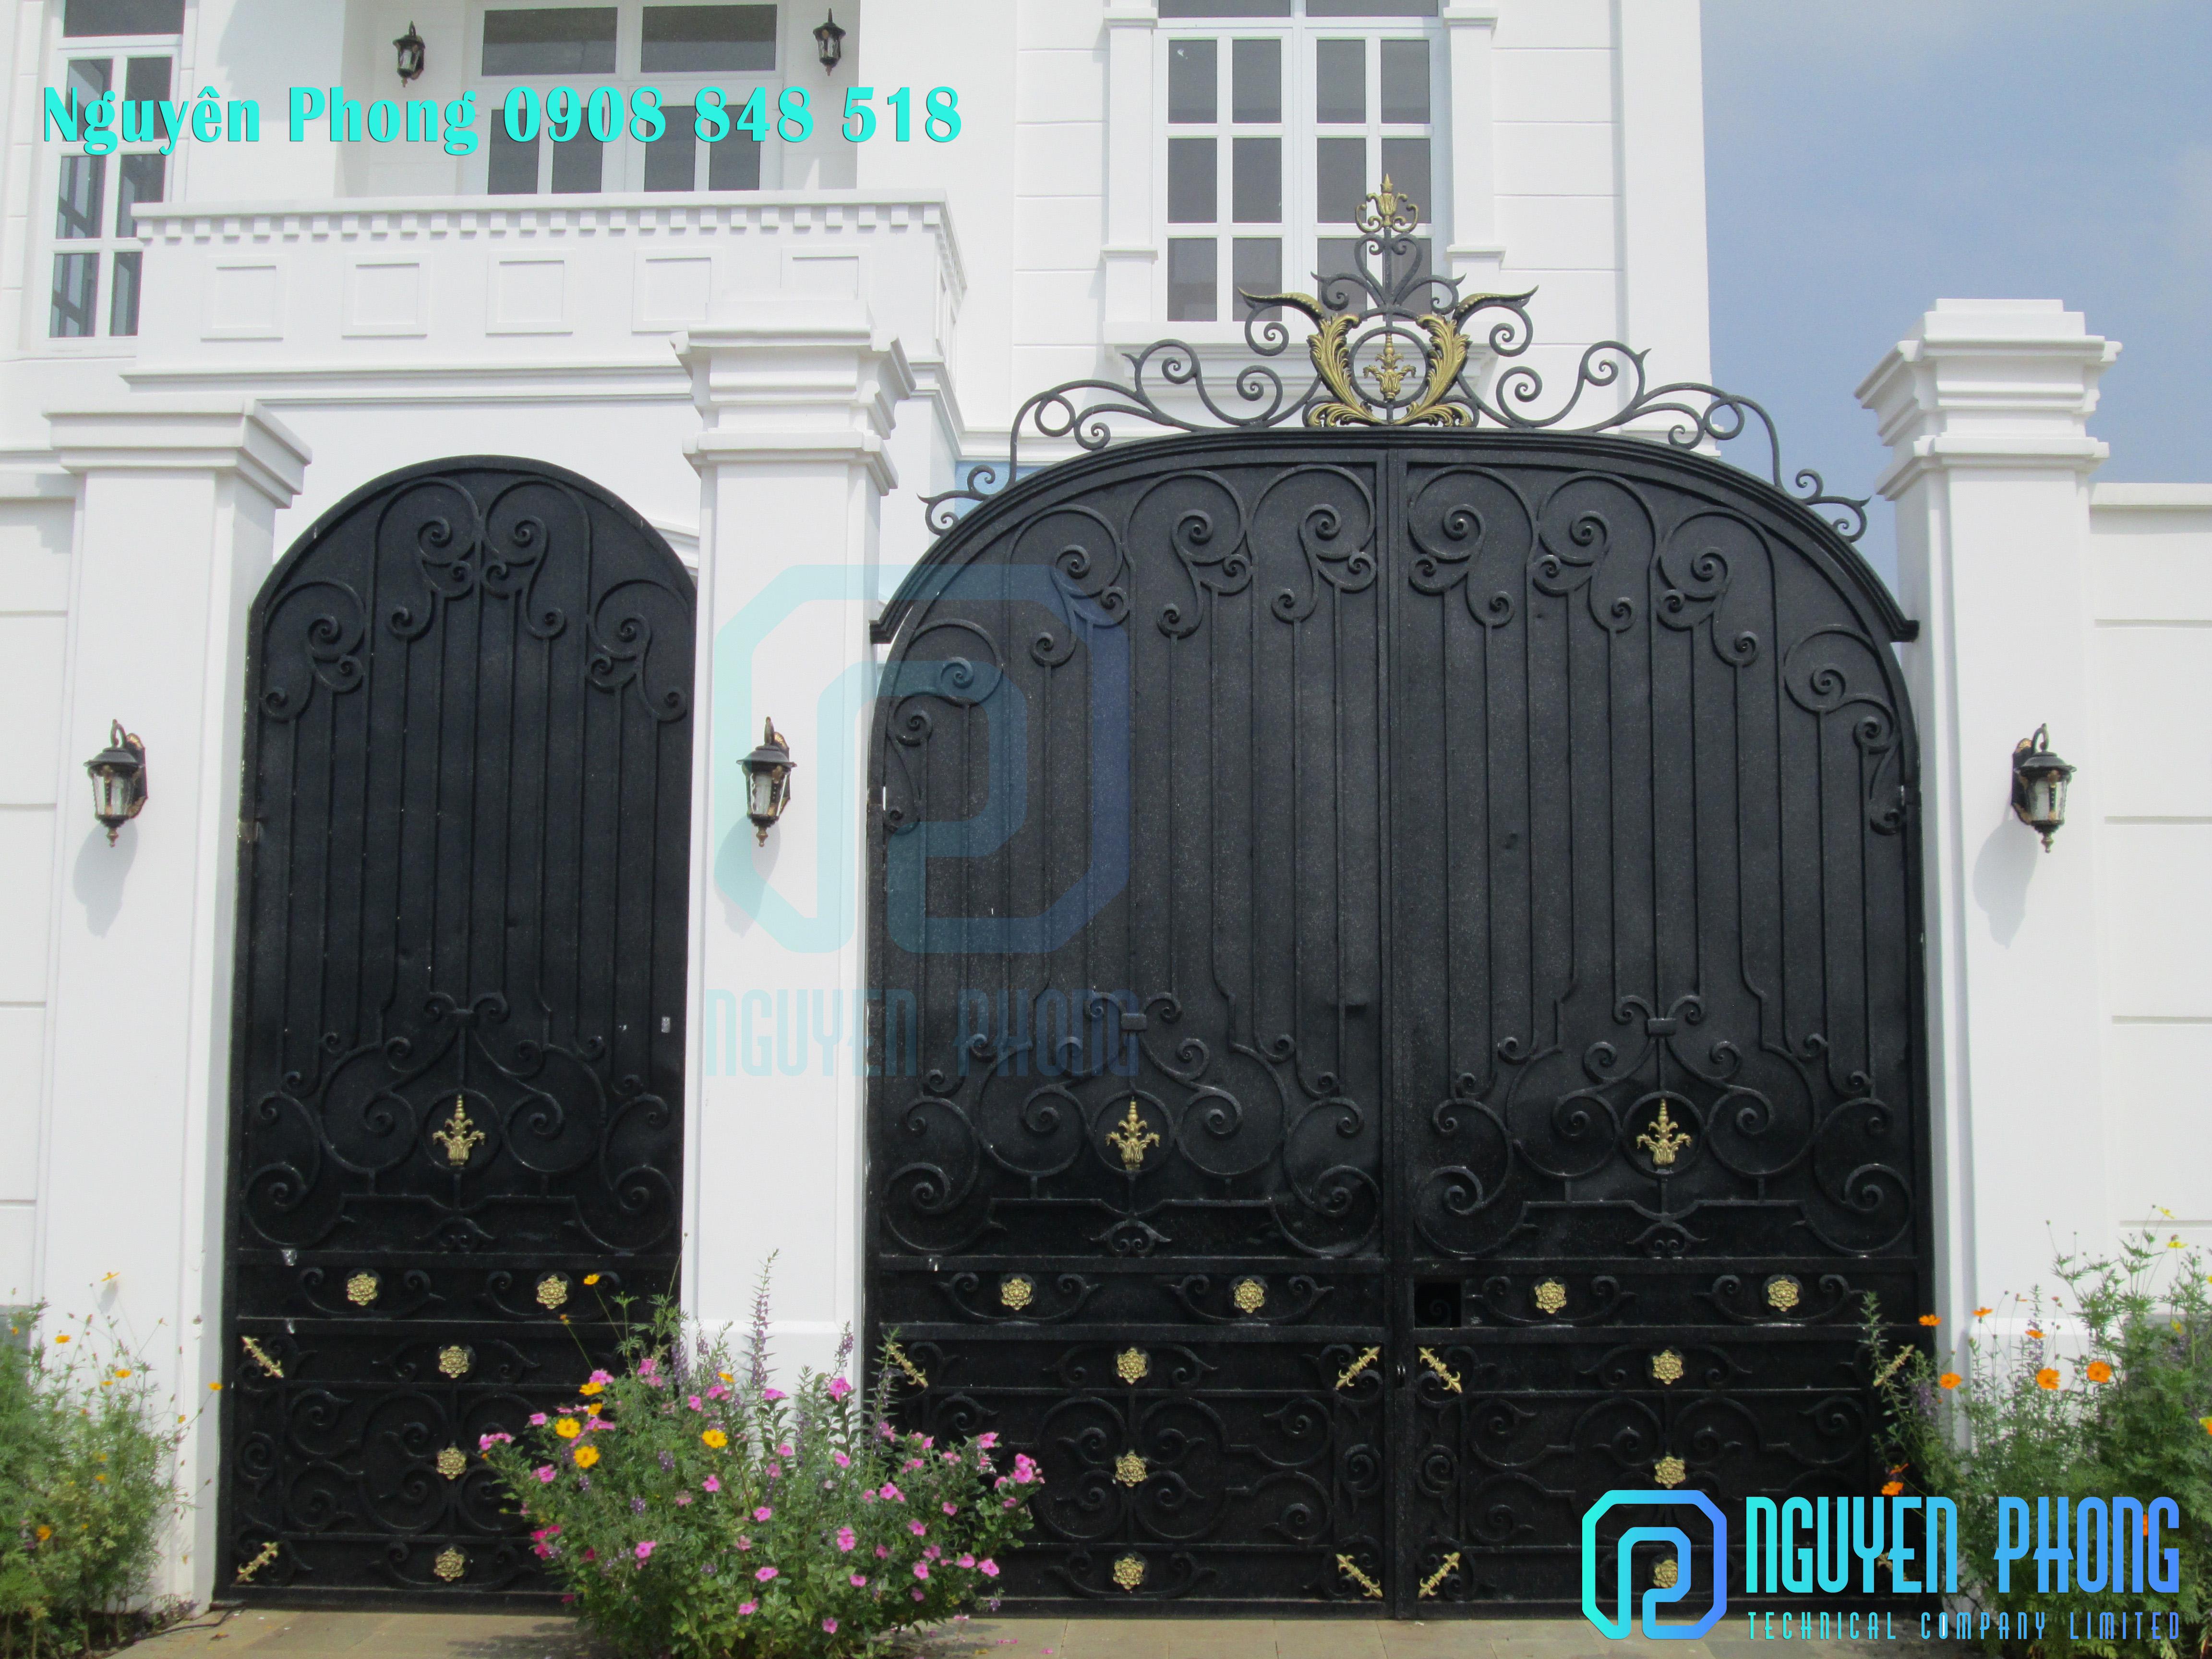 20 Mẫu cổng sắt uốn sang trọng, đẳng cấp cho biệt thự, nhà phố đẹp nhất 2020